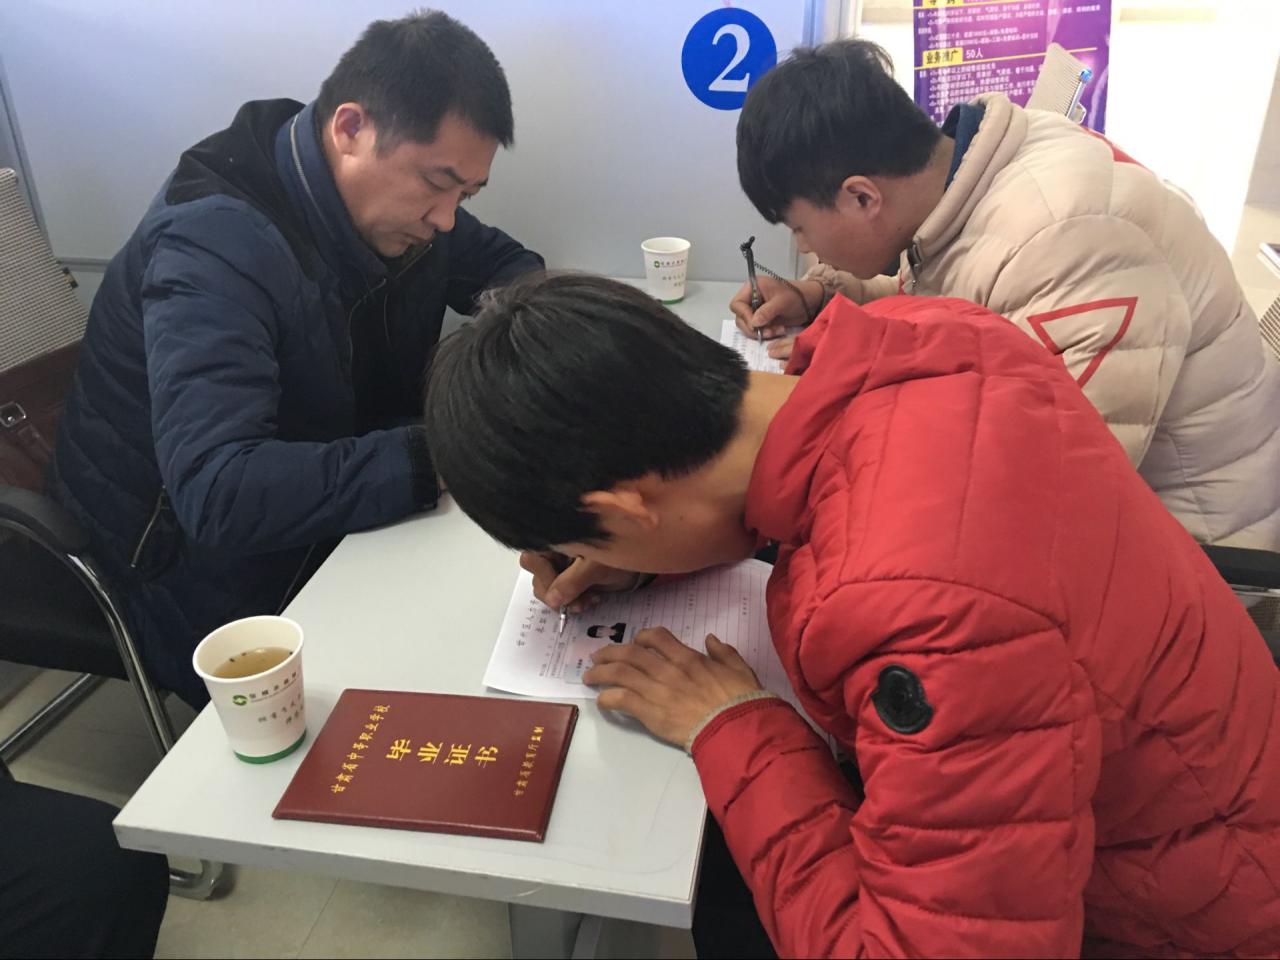 甘肃张掖:甘州区就业局成功举办2017年首场人力资源招聘会